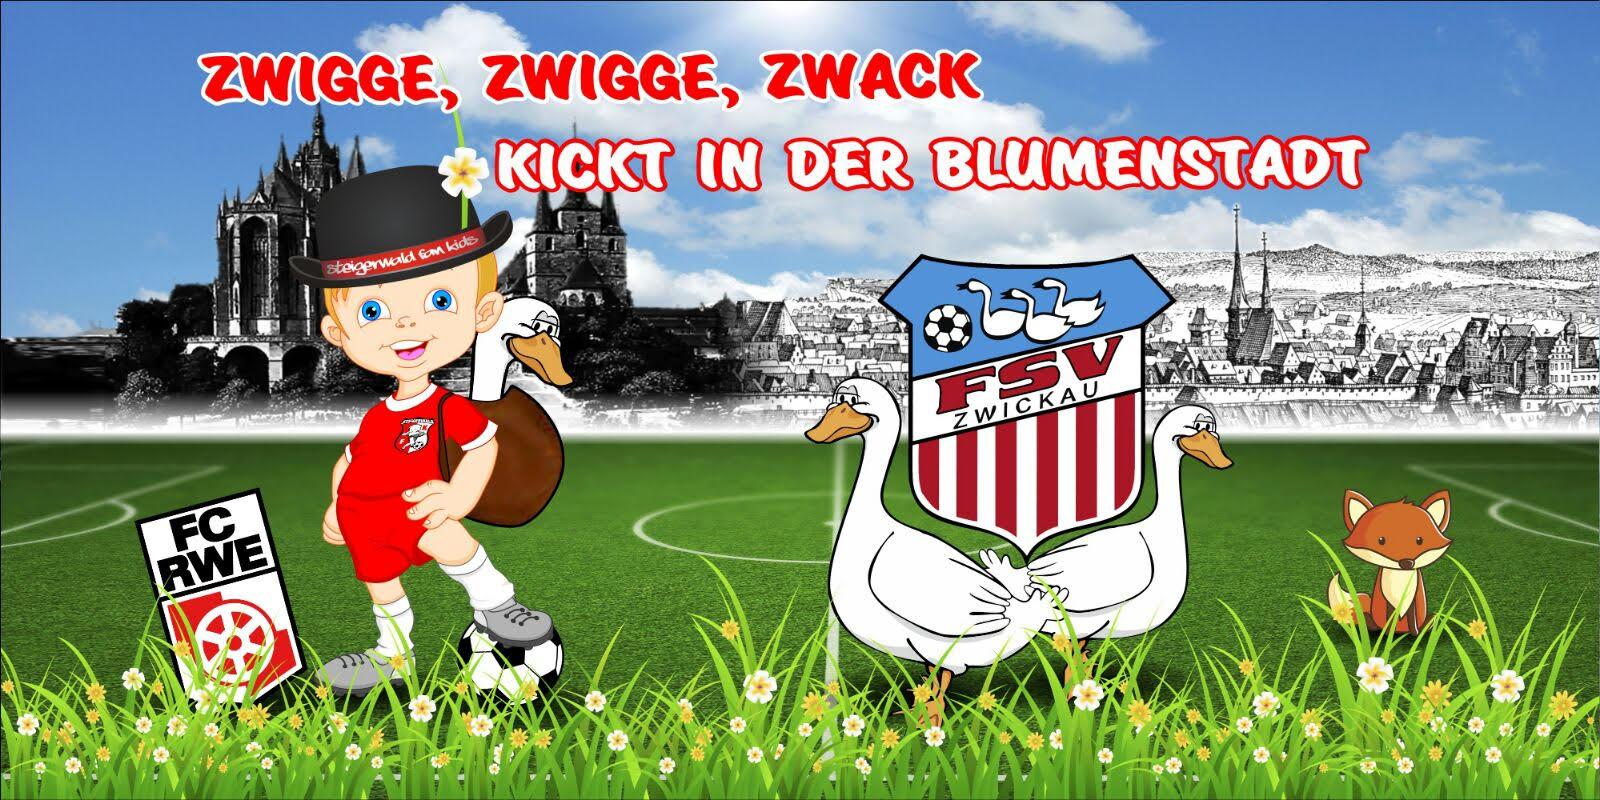 RWE-Zwickau